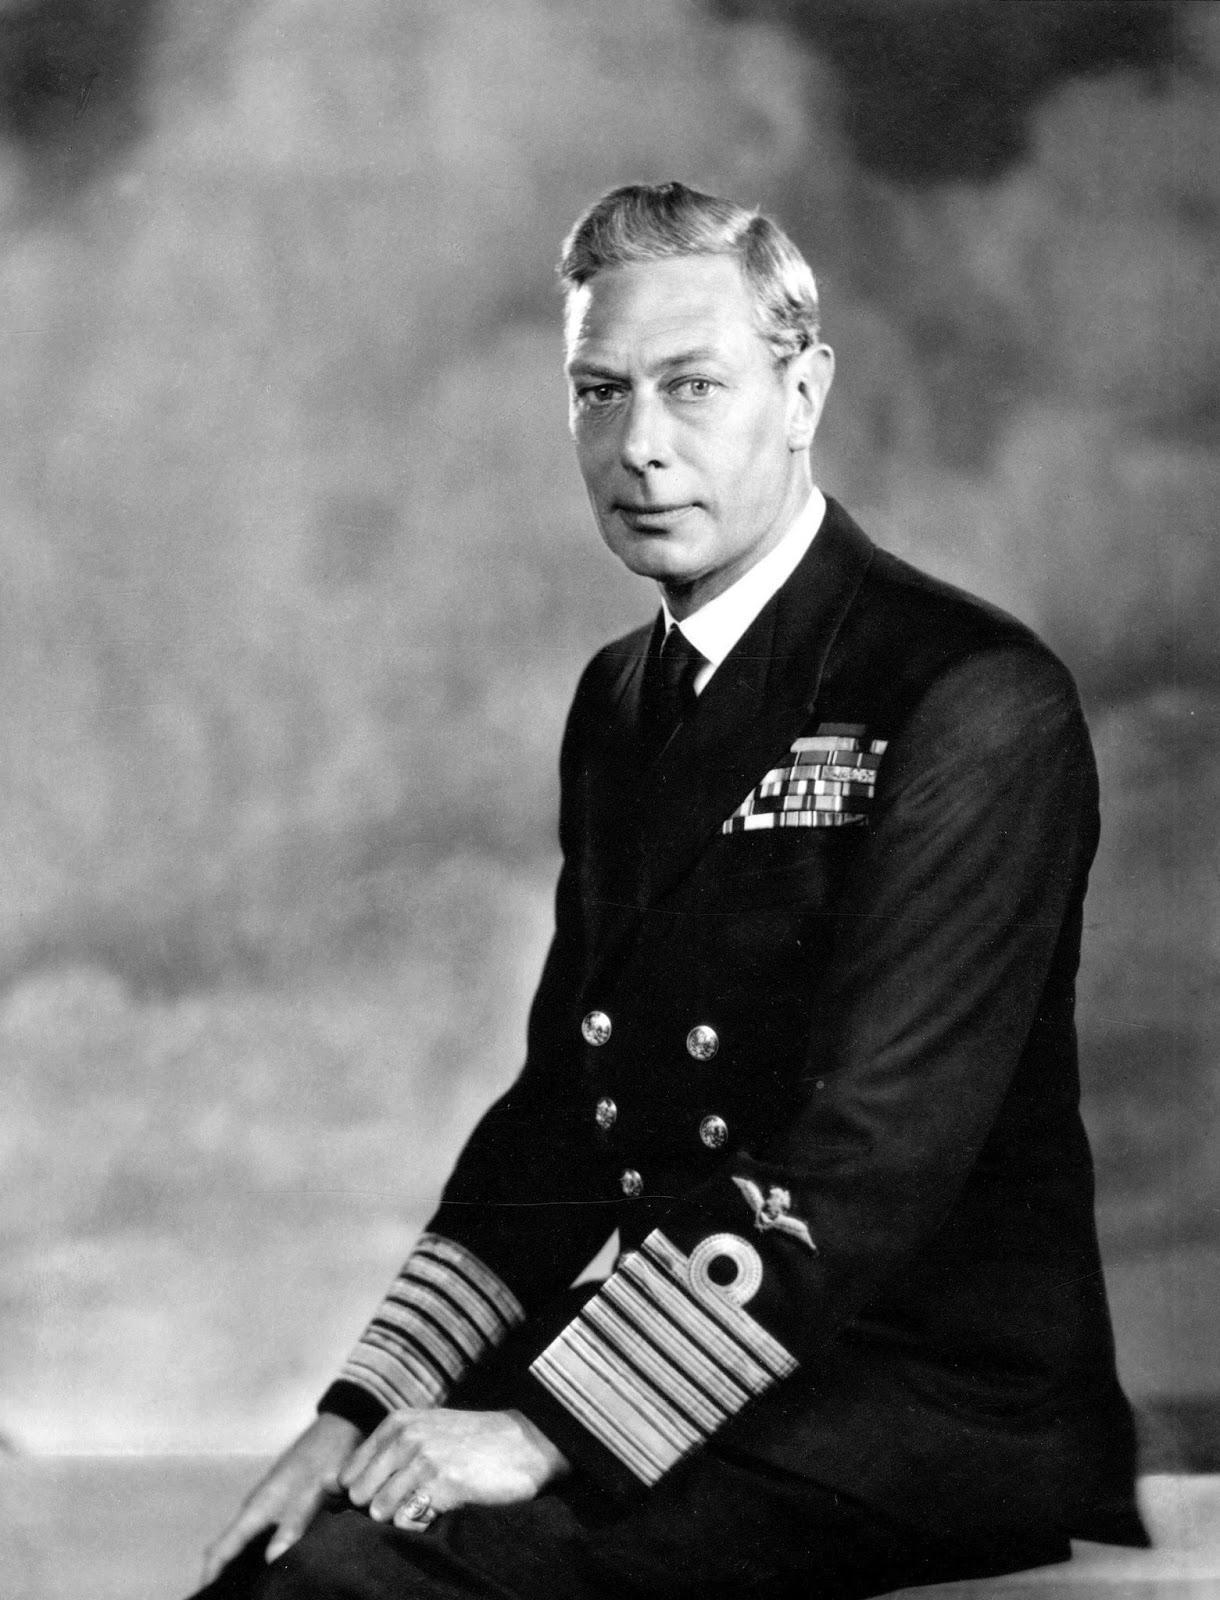 Blog Birleşik Krallık: Birleşik Krallık Kralı George-VI